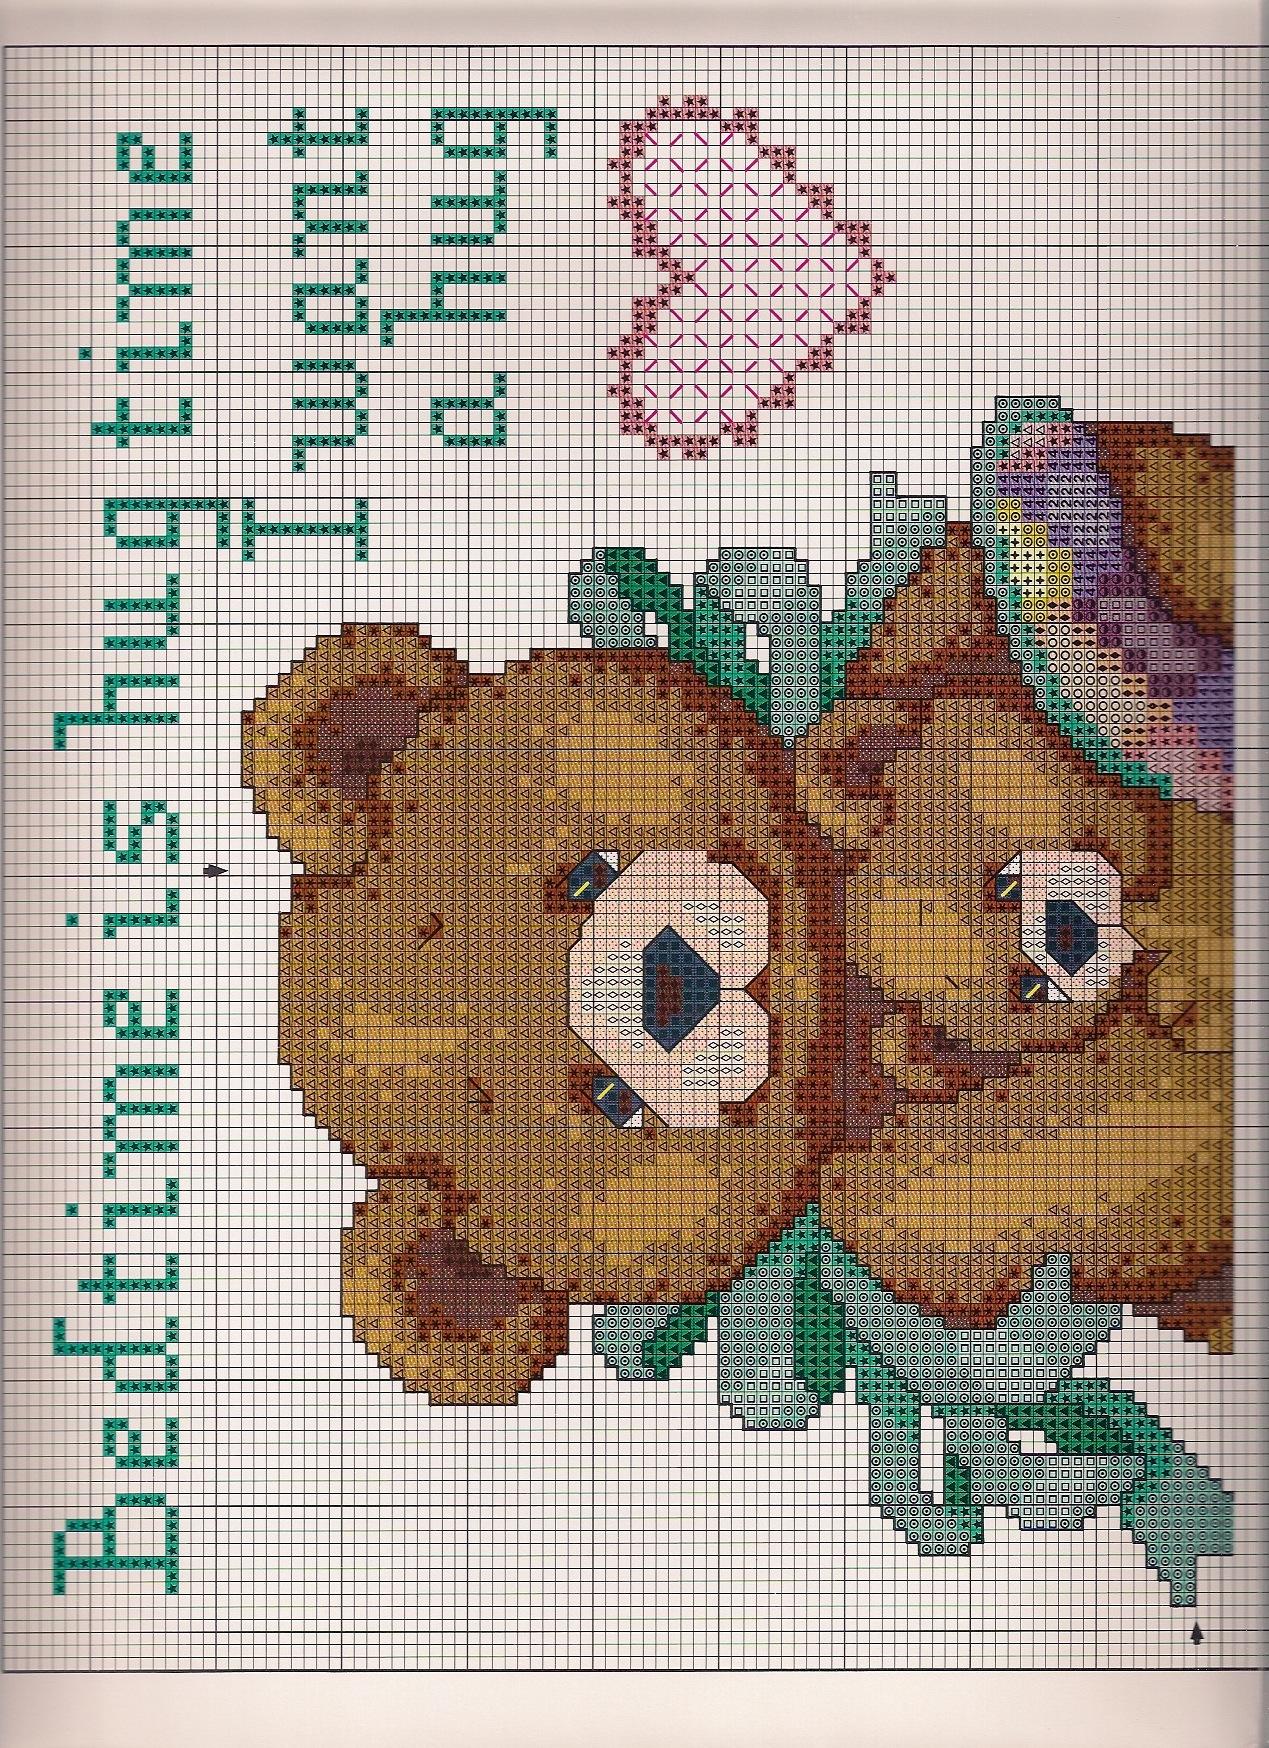 Copertina orsi 2 punto croce uncinetto for Copertine punto croce bimbi schemi